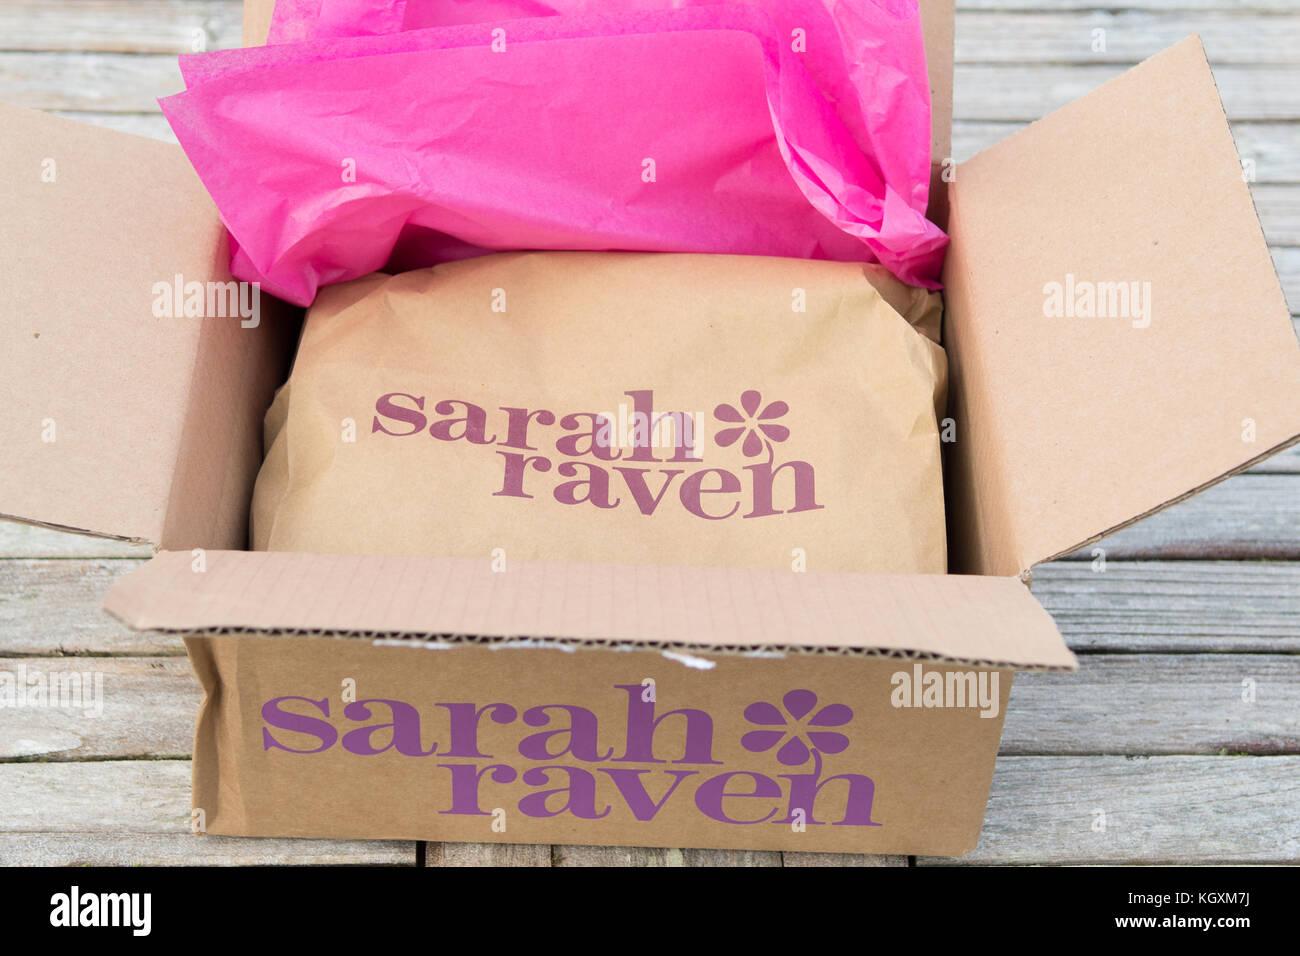 Online Glühlampe Lieferung von Sarah raven Stockbild